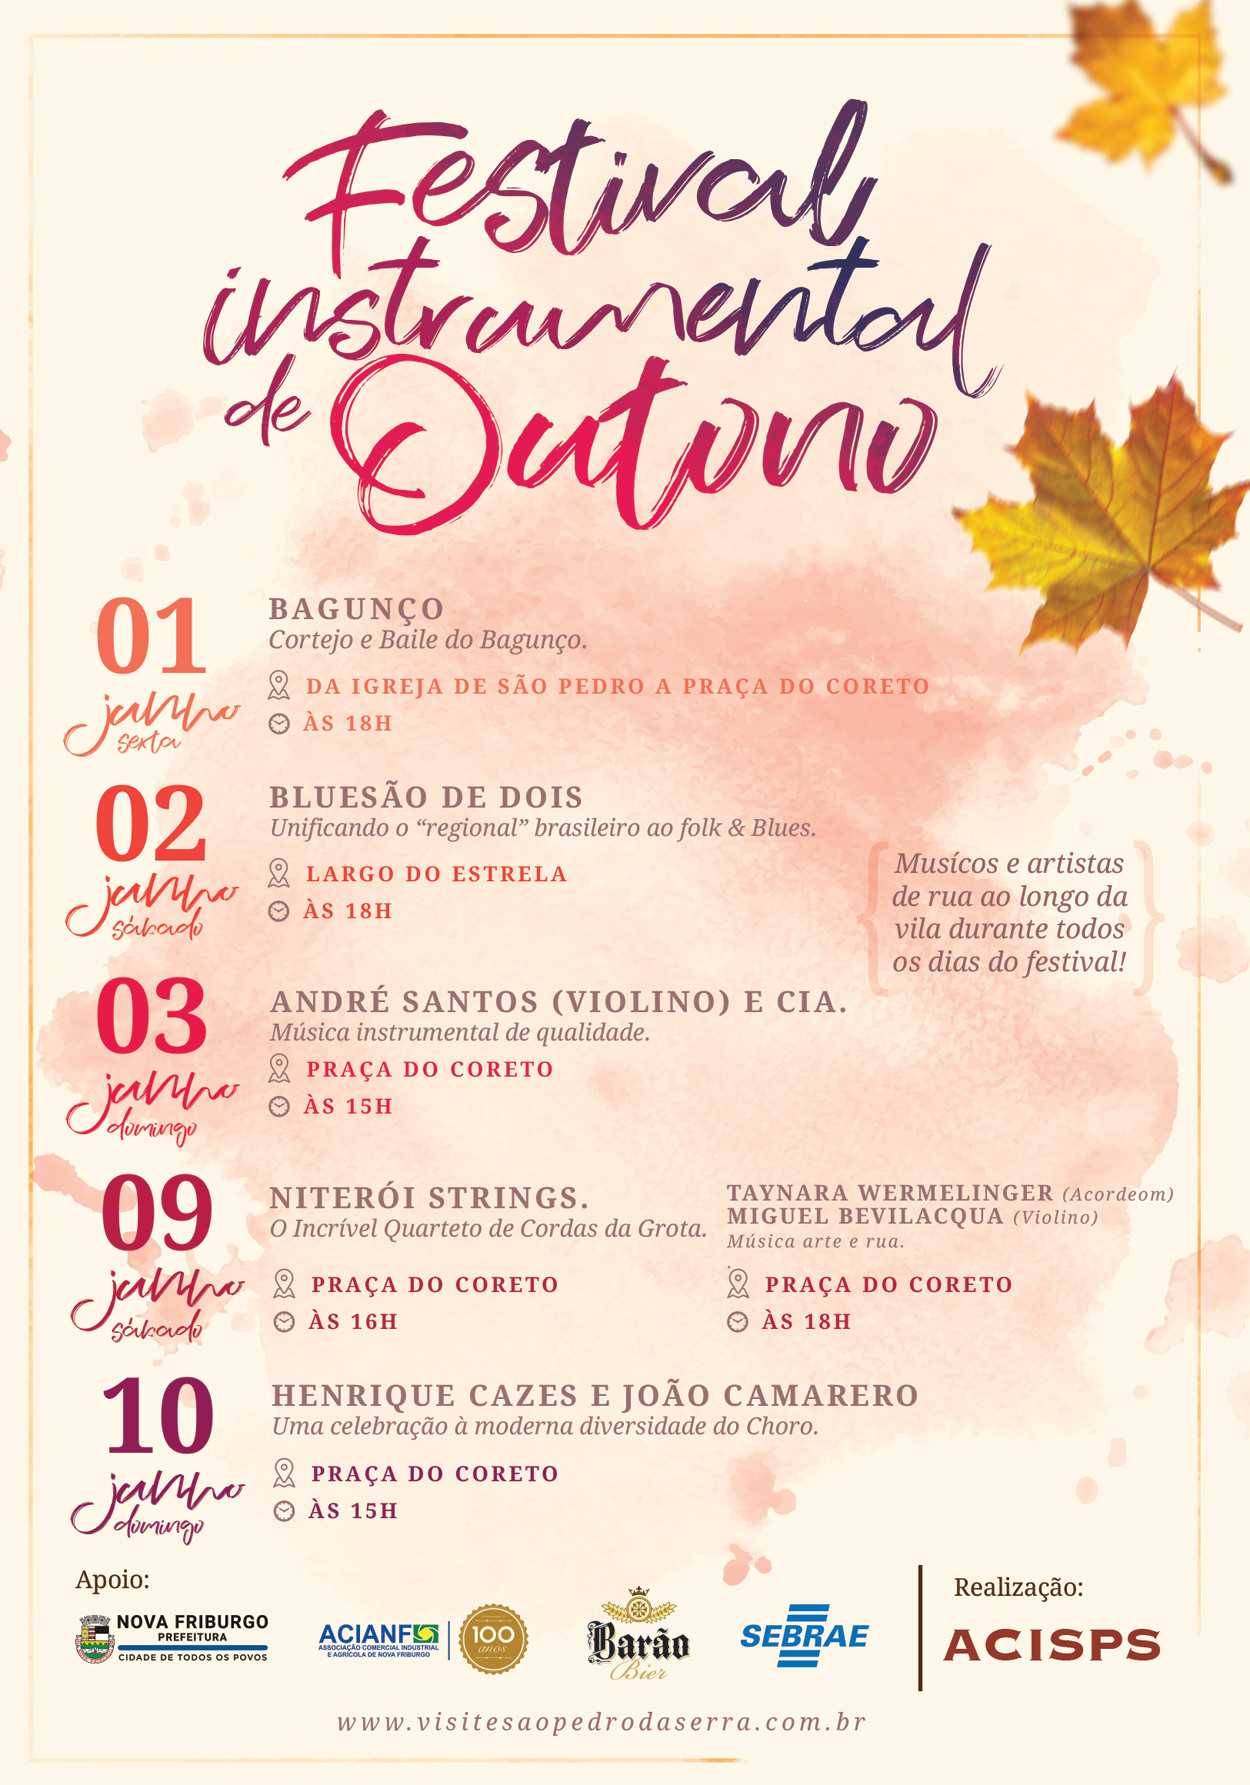 Programação do Festival Instrumental de Outono em São Pedro da Serra